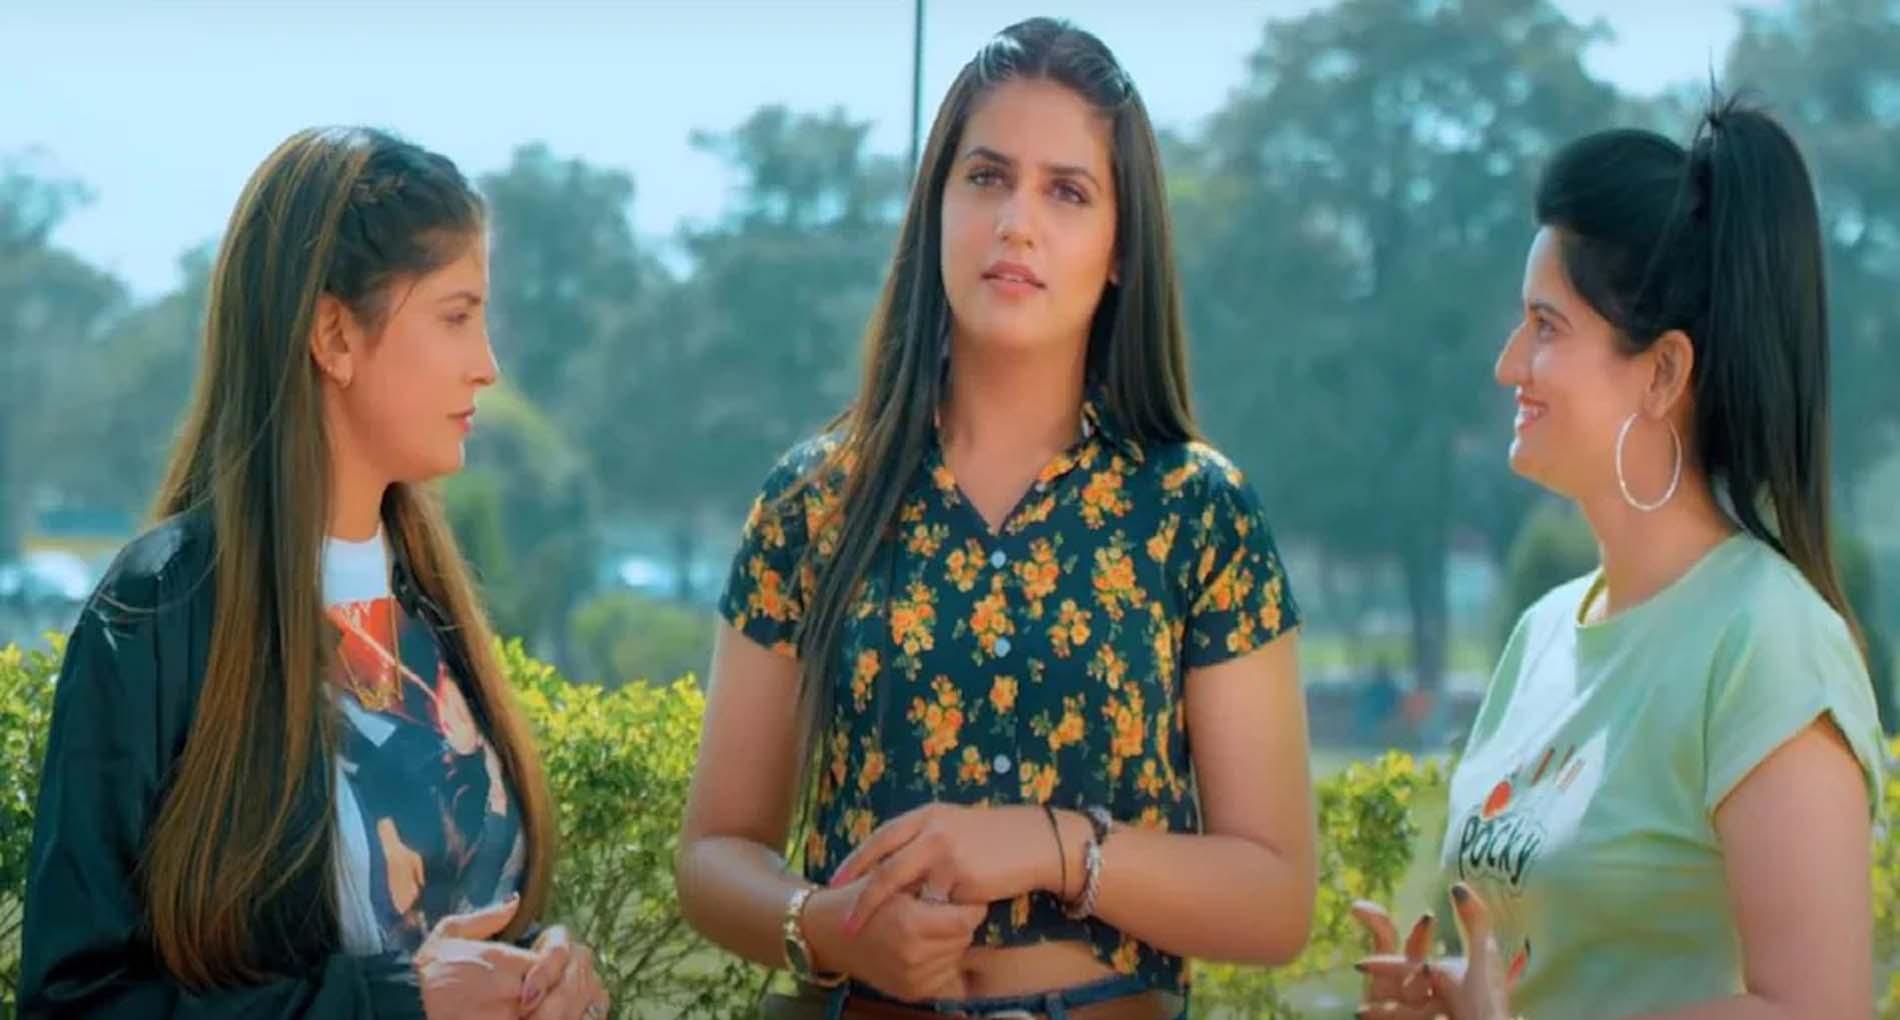 Pranjal Dahiya Haryanvi Song: फैंस के दिलों पर छाया प्रांजल दहिया का नया गाना! मिले लाखों व्यूज